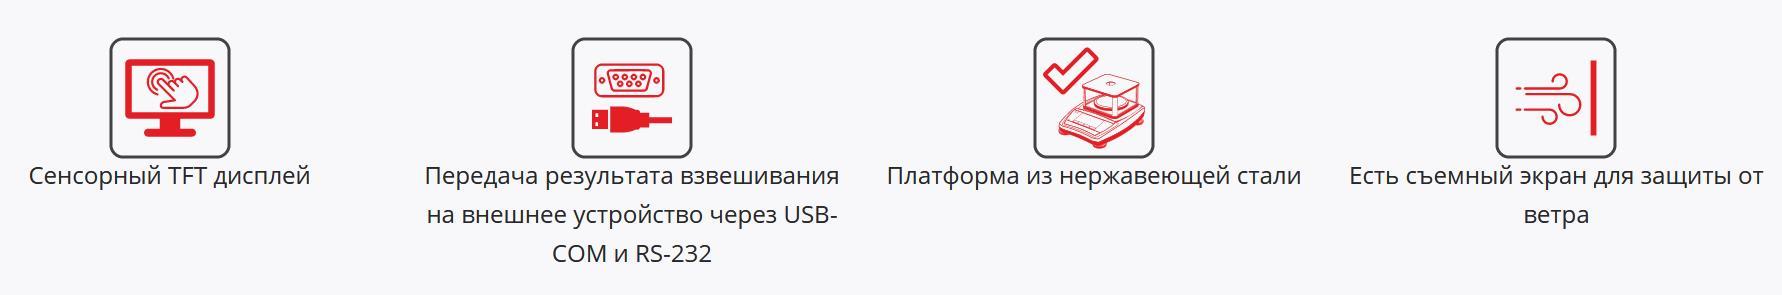 Выбрать лабораторные весы в Севастополе и Крым